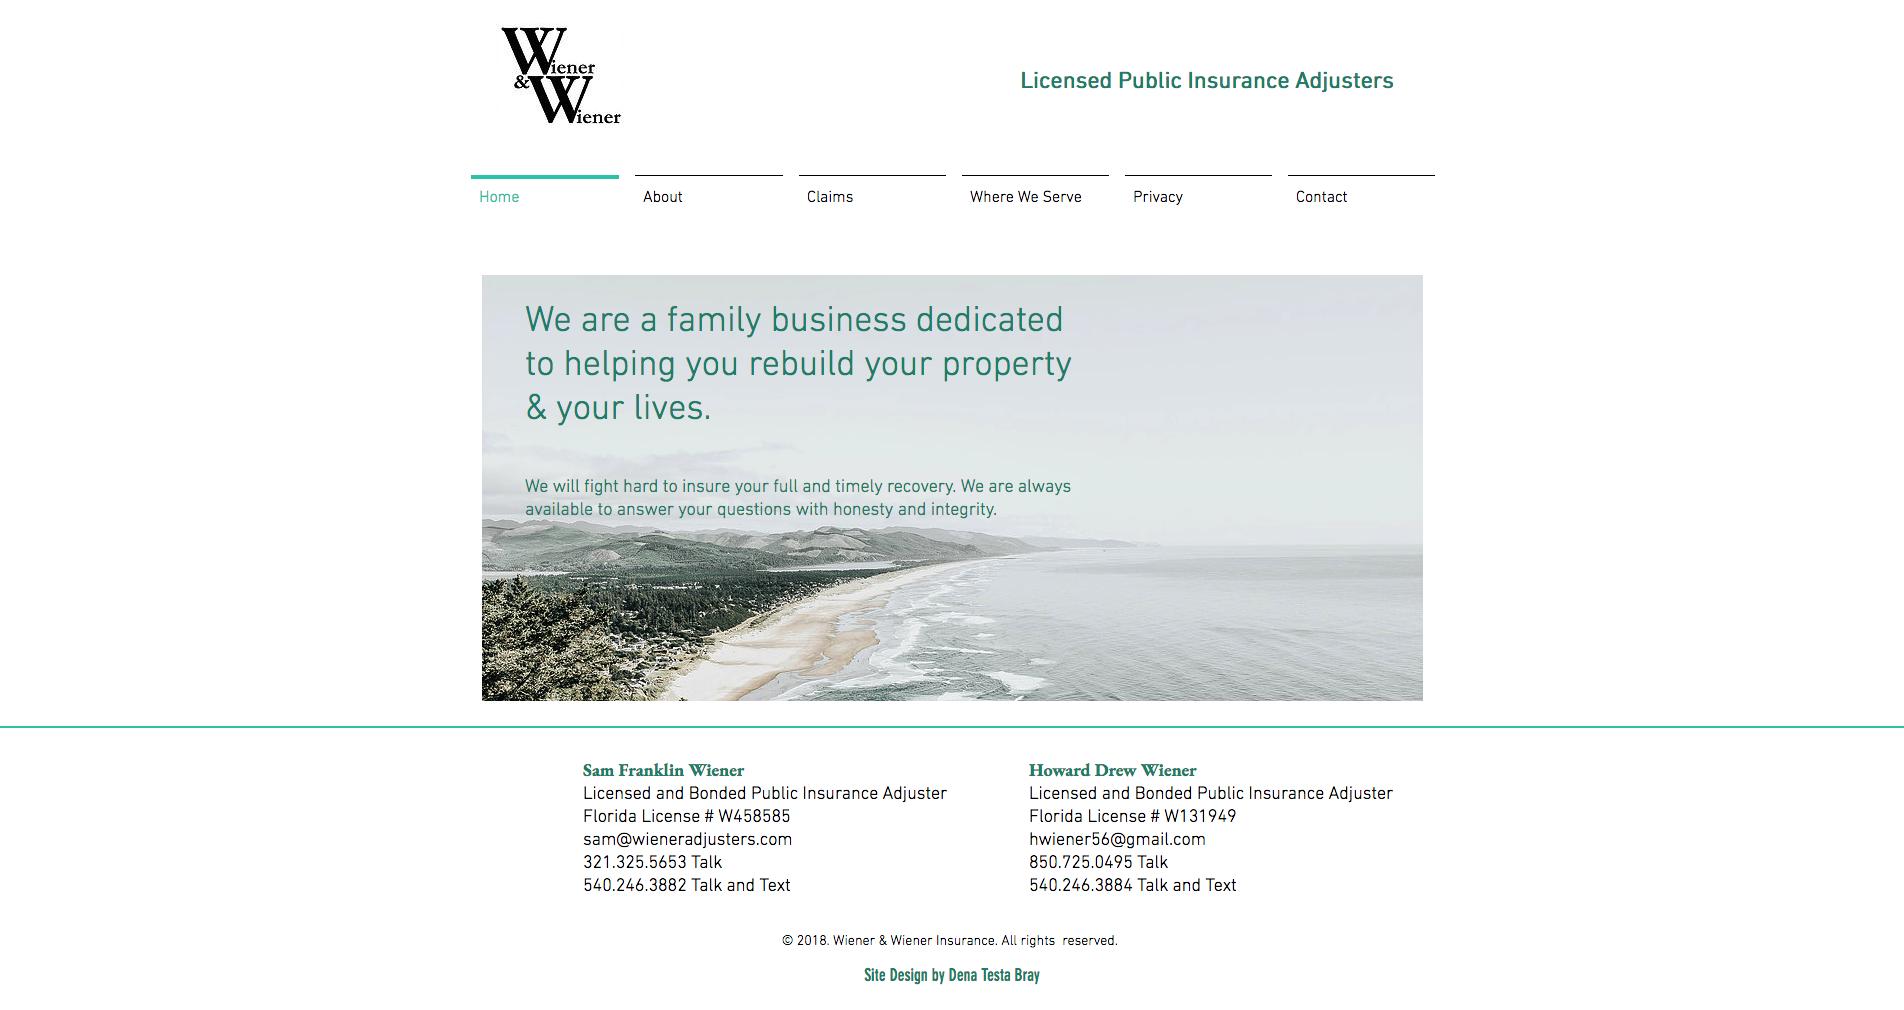 Weiner and Weiner Insurance